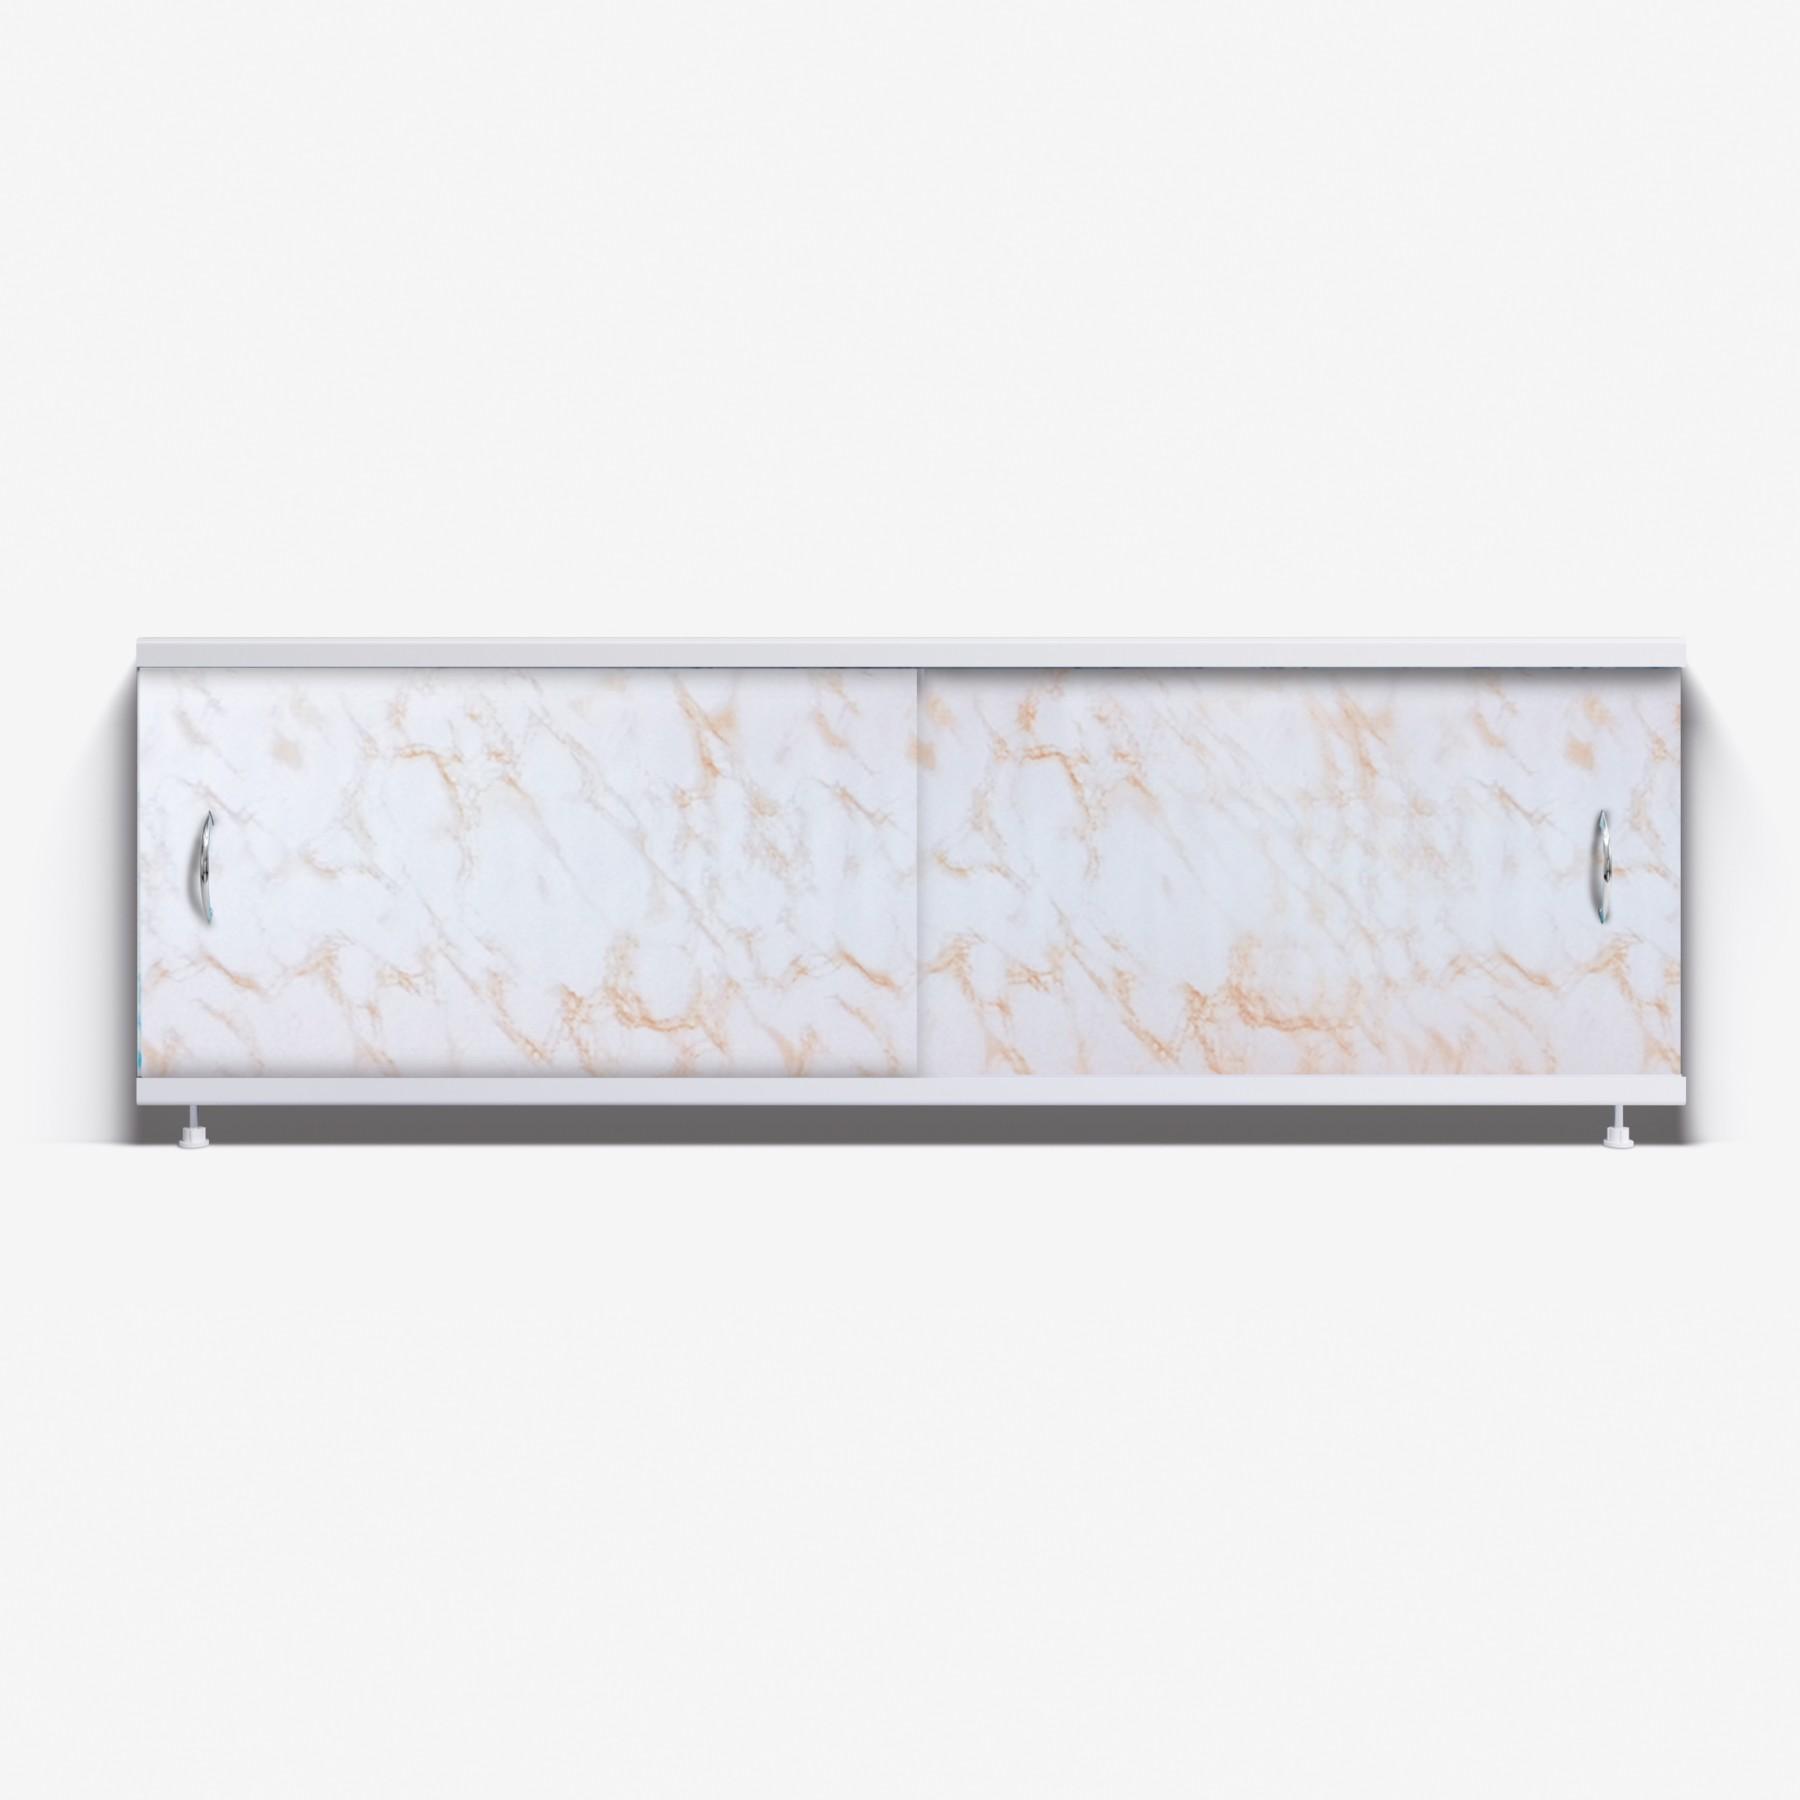 Экран под ванну Классик 170 коричневый камень